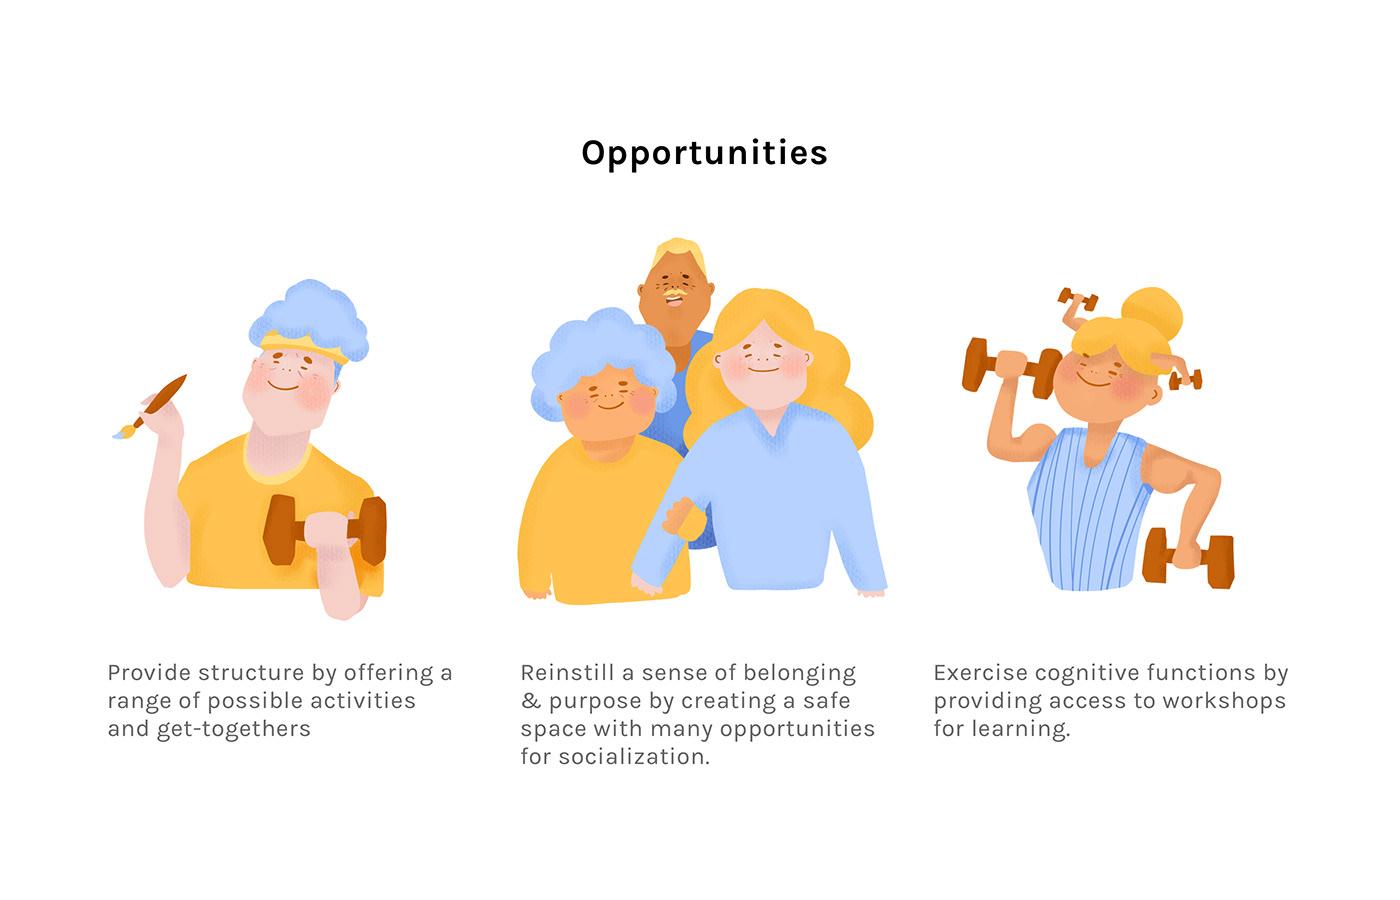 app seniors Case Study Events research retirement